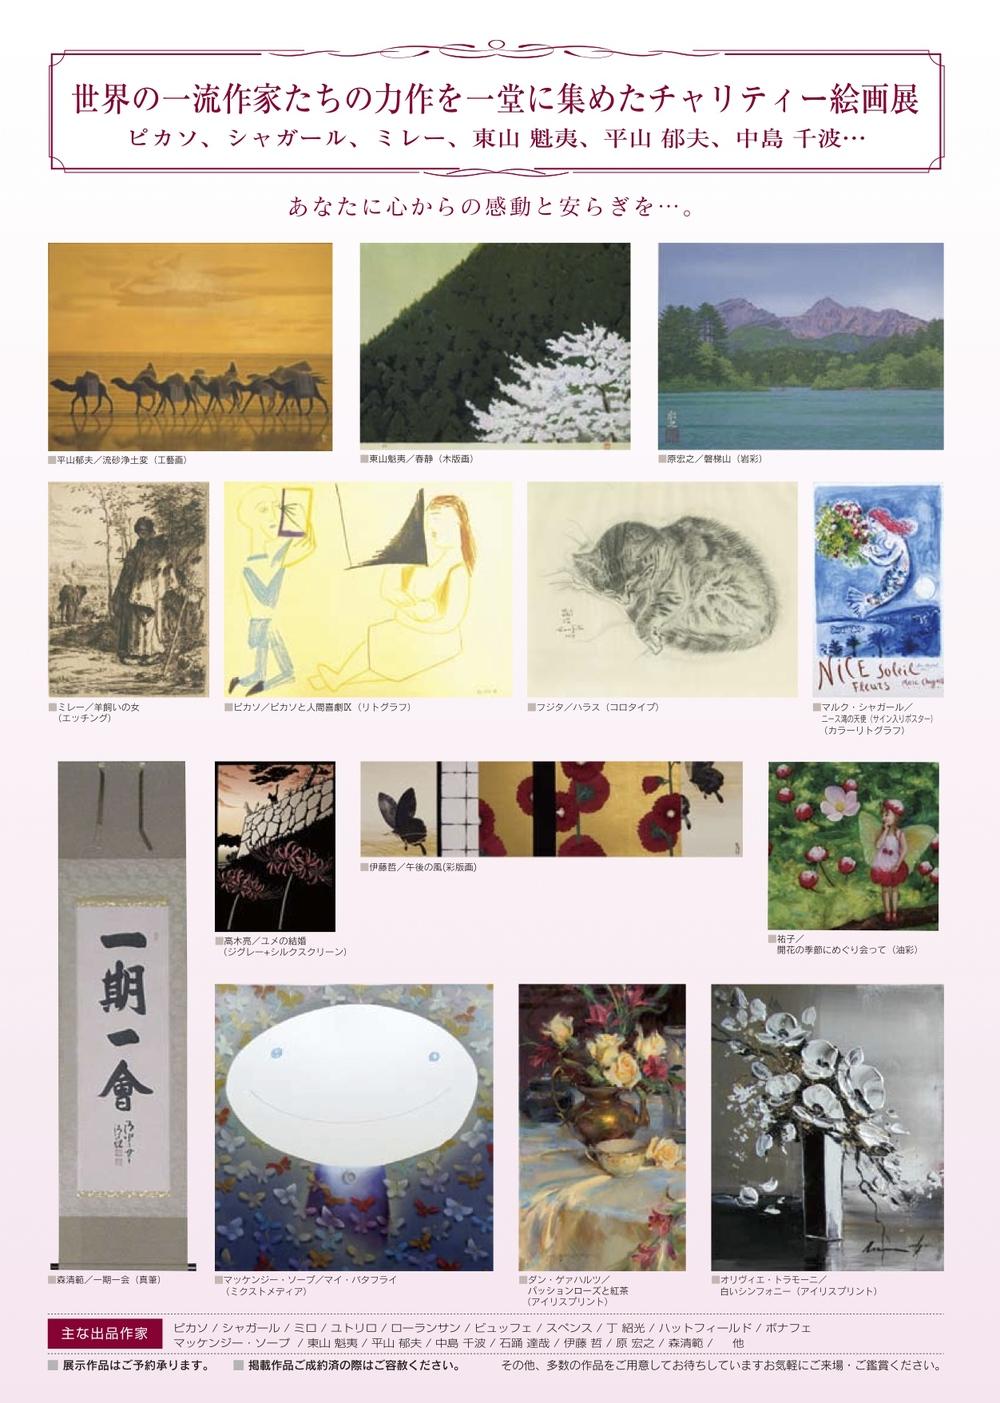 現代国際巨匠絵画展     Sold Out 開花の季節にめぐり会って